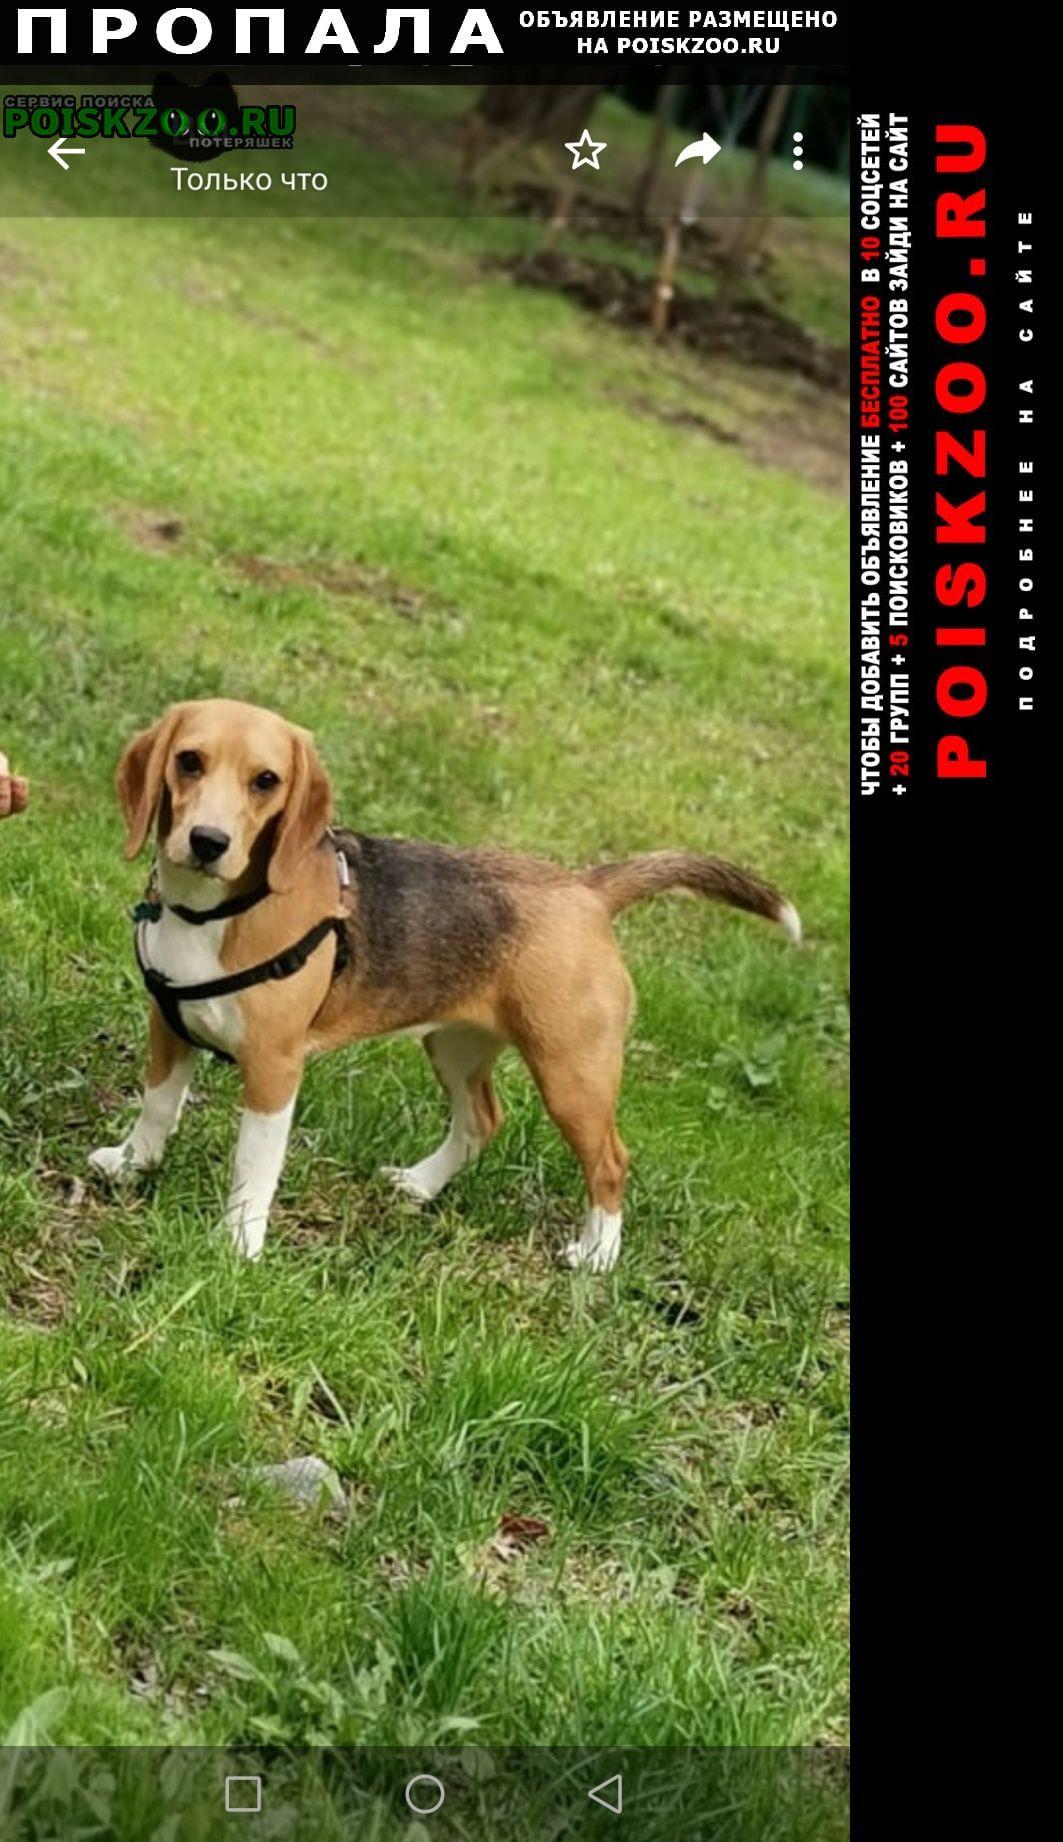 Пропала собака бигль, сука, щенок 11 месяцев Долгопрудный